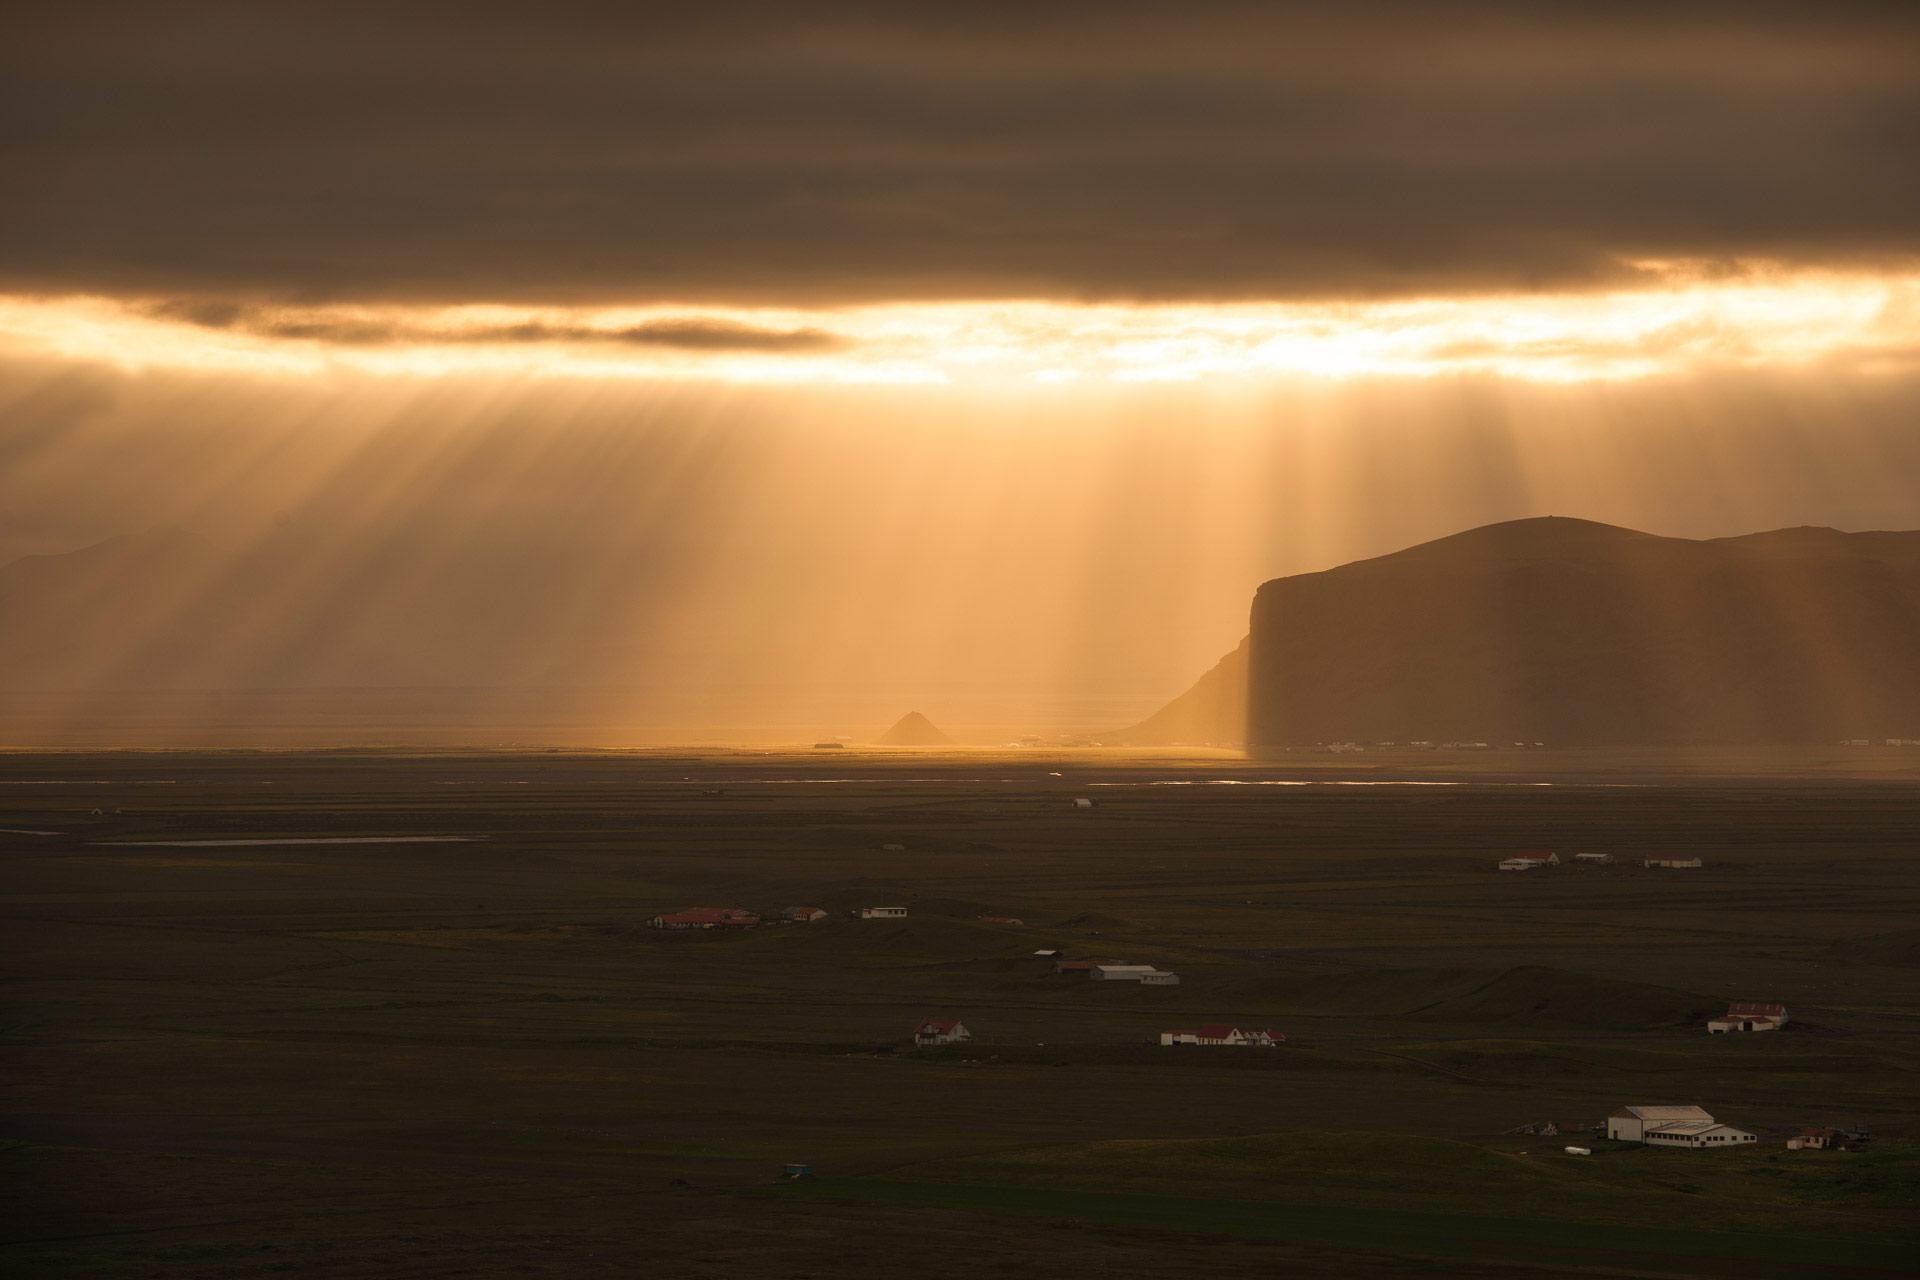 Fotostory Island von Redeleit und Junker - Sonnenuntergang im Hochplateau in Island